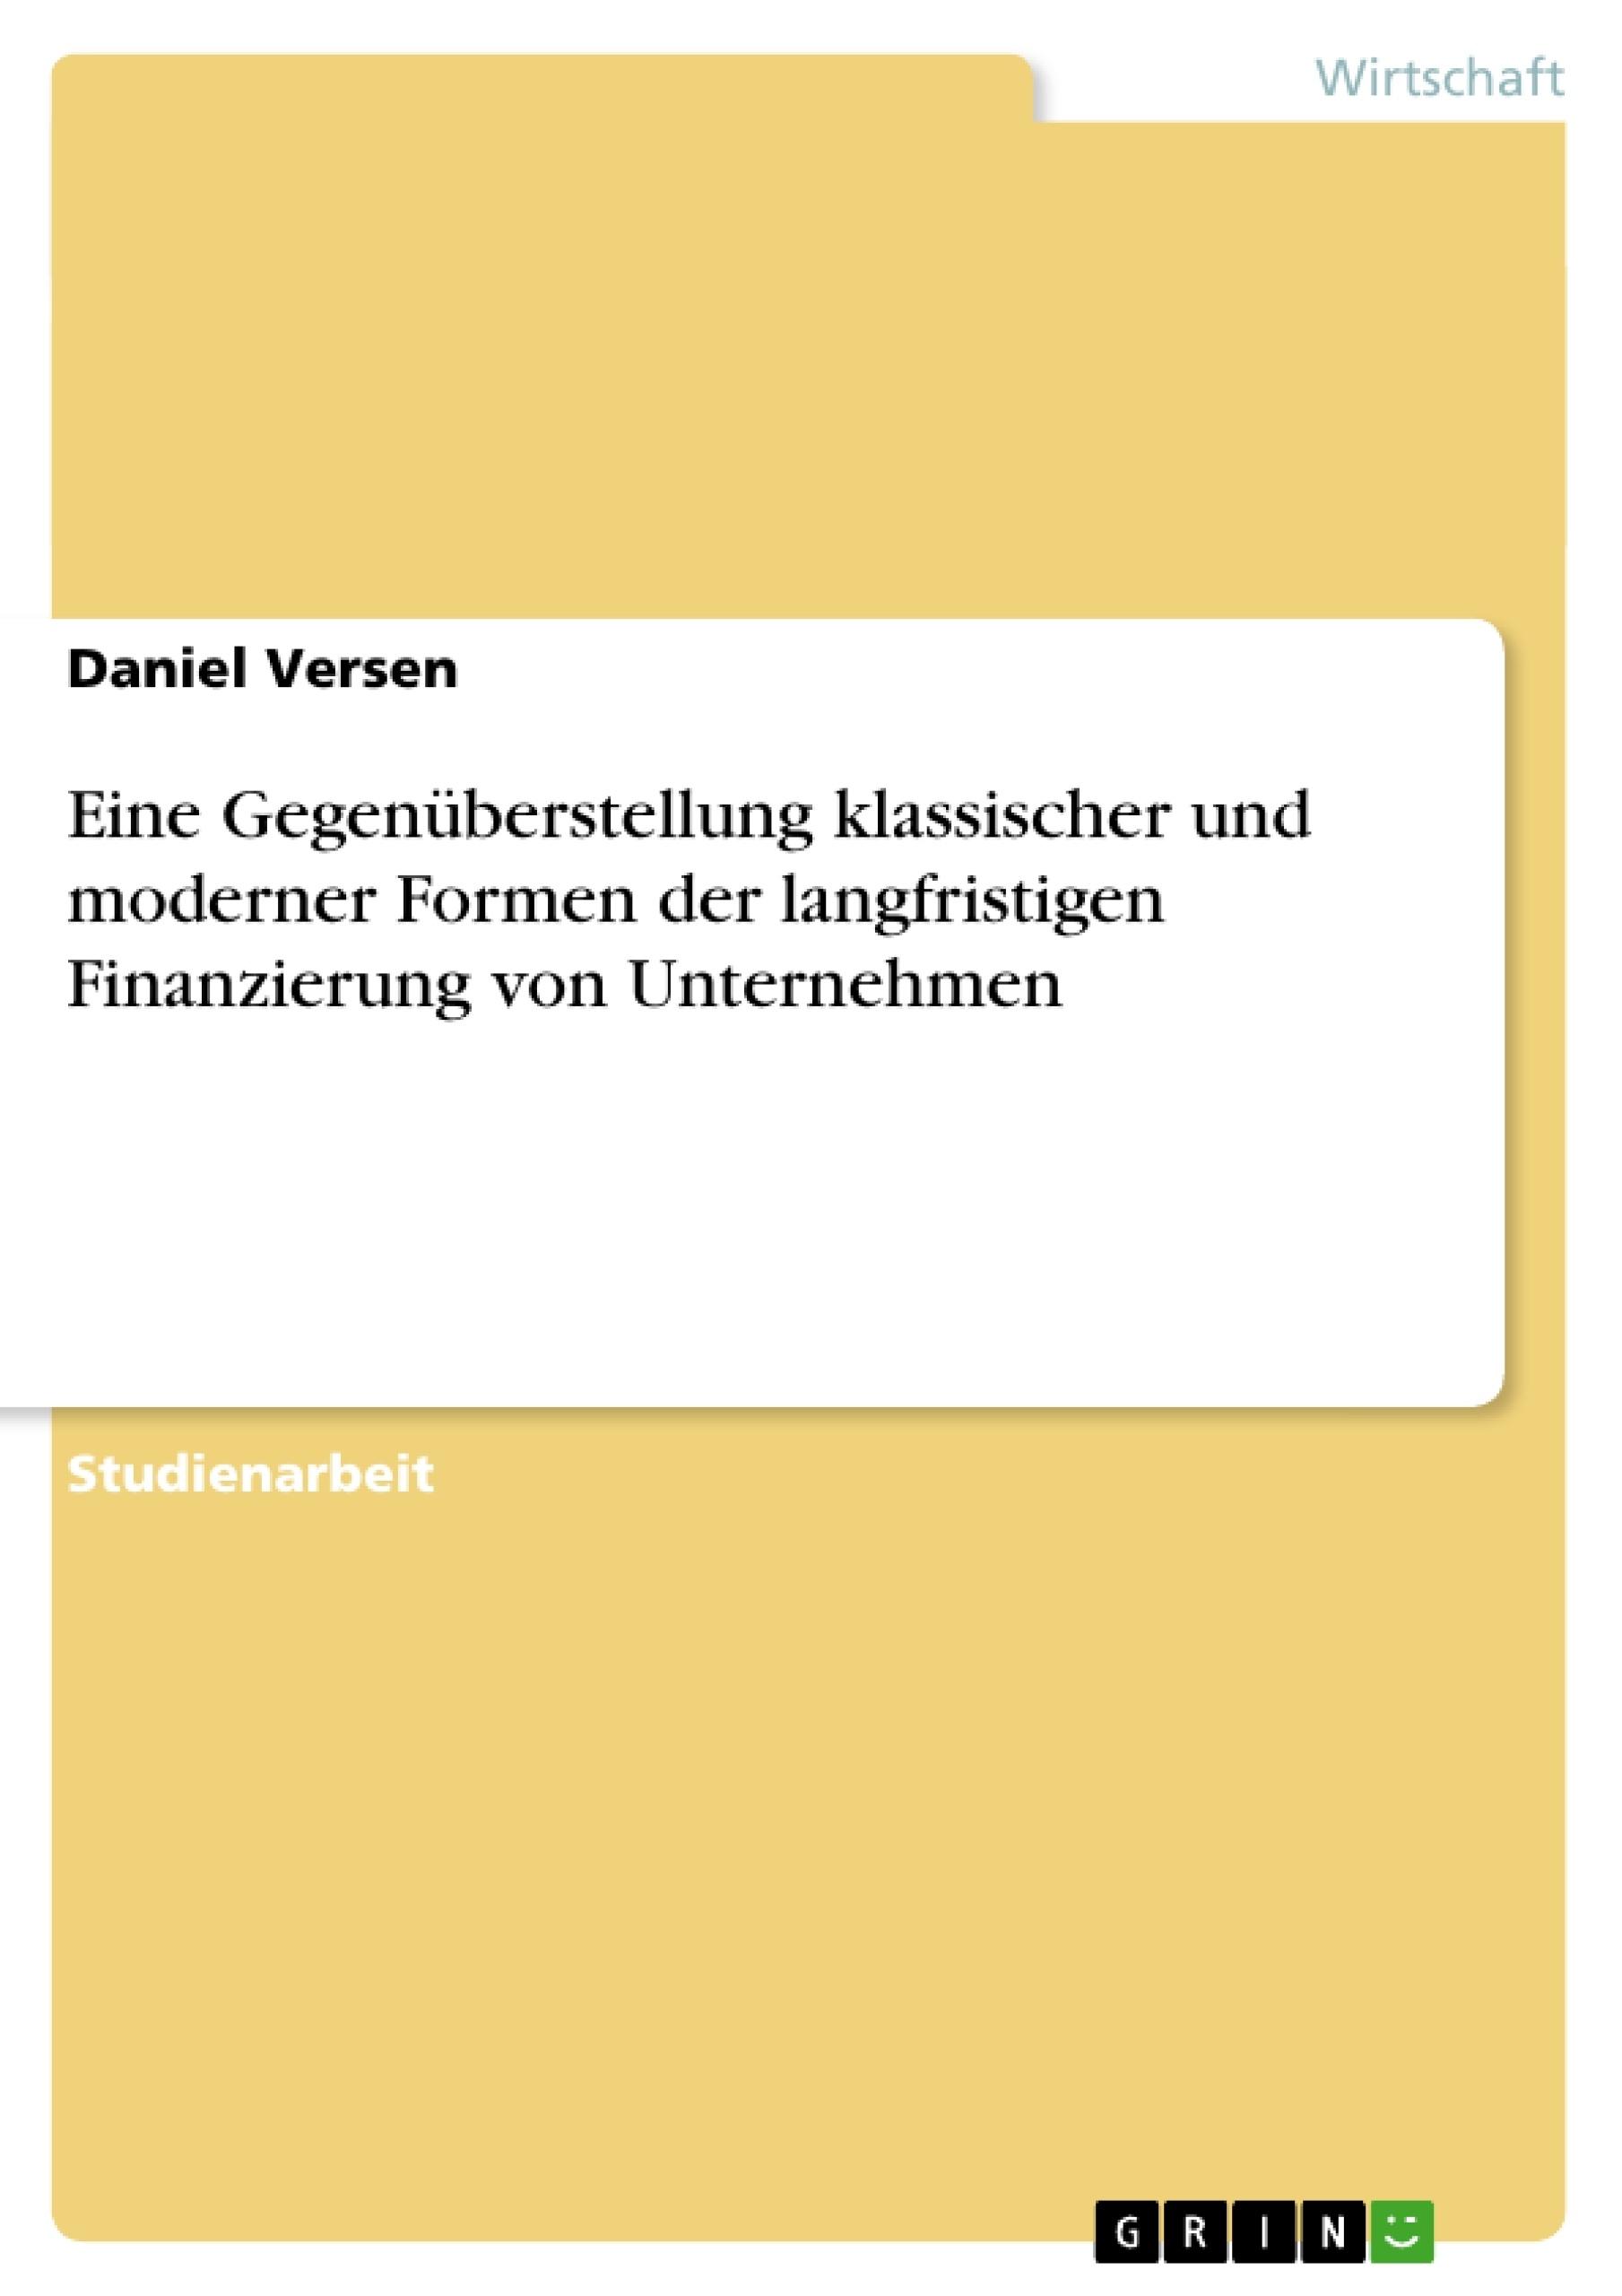 Titel: Eine Gegenüberstellung klassischer und moderner Formen der langfristigen Finanzierung von Unternehmen